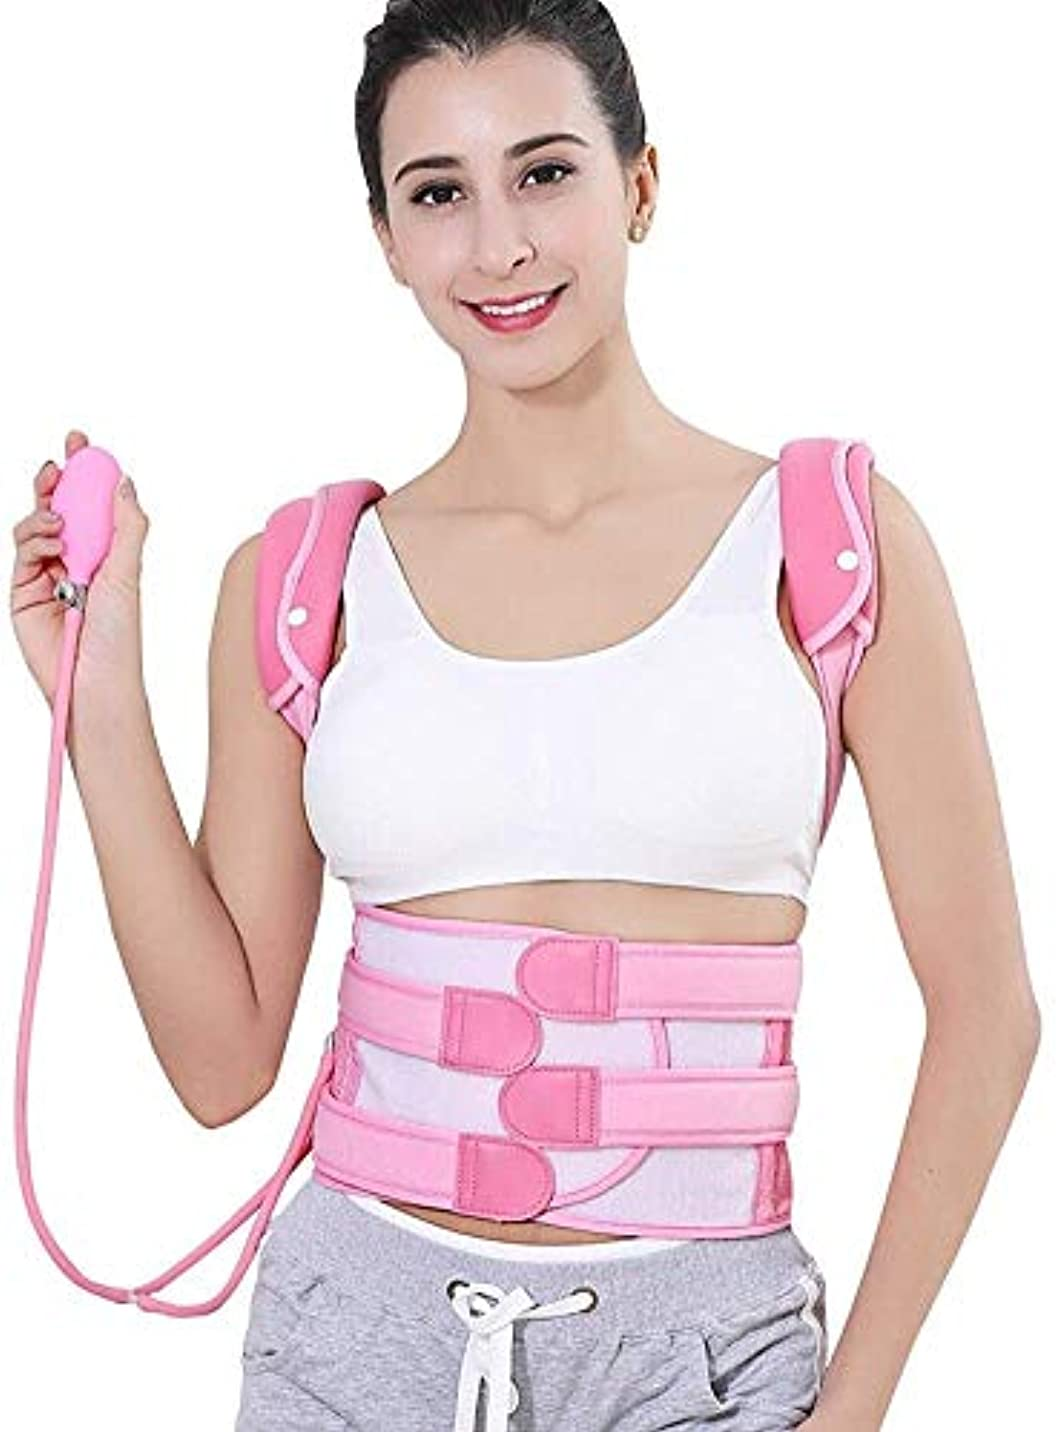 生きているフレキシブルめ言葉ユニセックス用の 姿勢補正器で調整可能なフルバックブレース腰椎サポートベルトにより、姿勢不良、空気圧が改善(色:ピンク、サイズ:S)